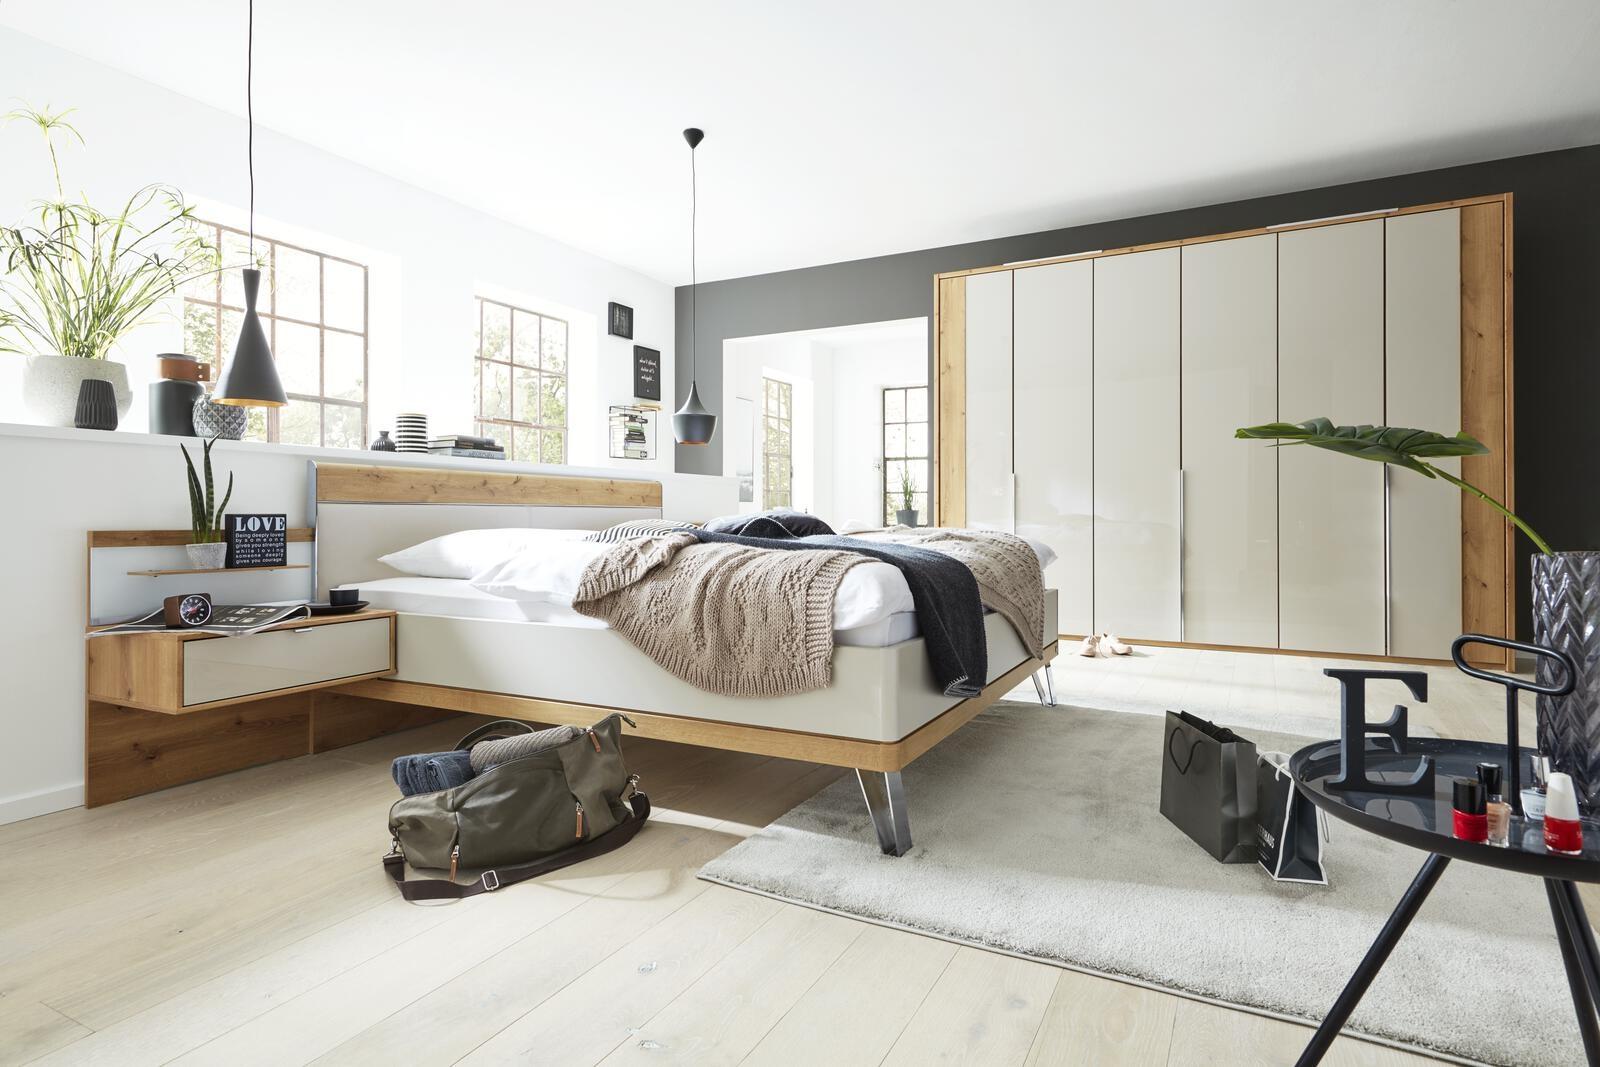 1017 Schlafzimmer